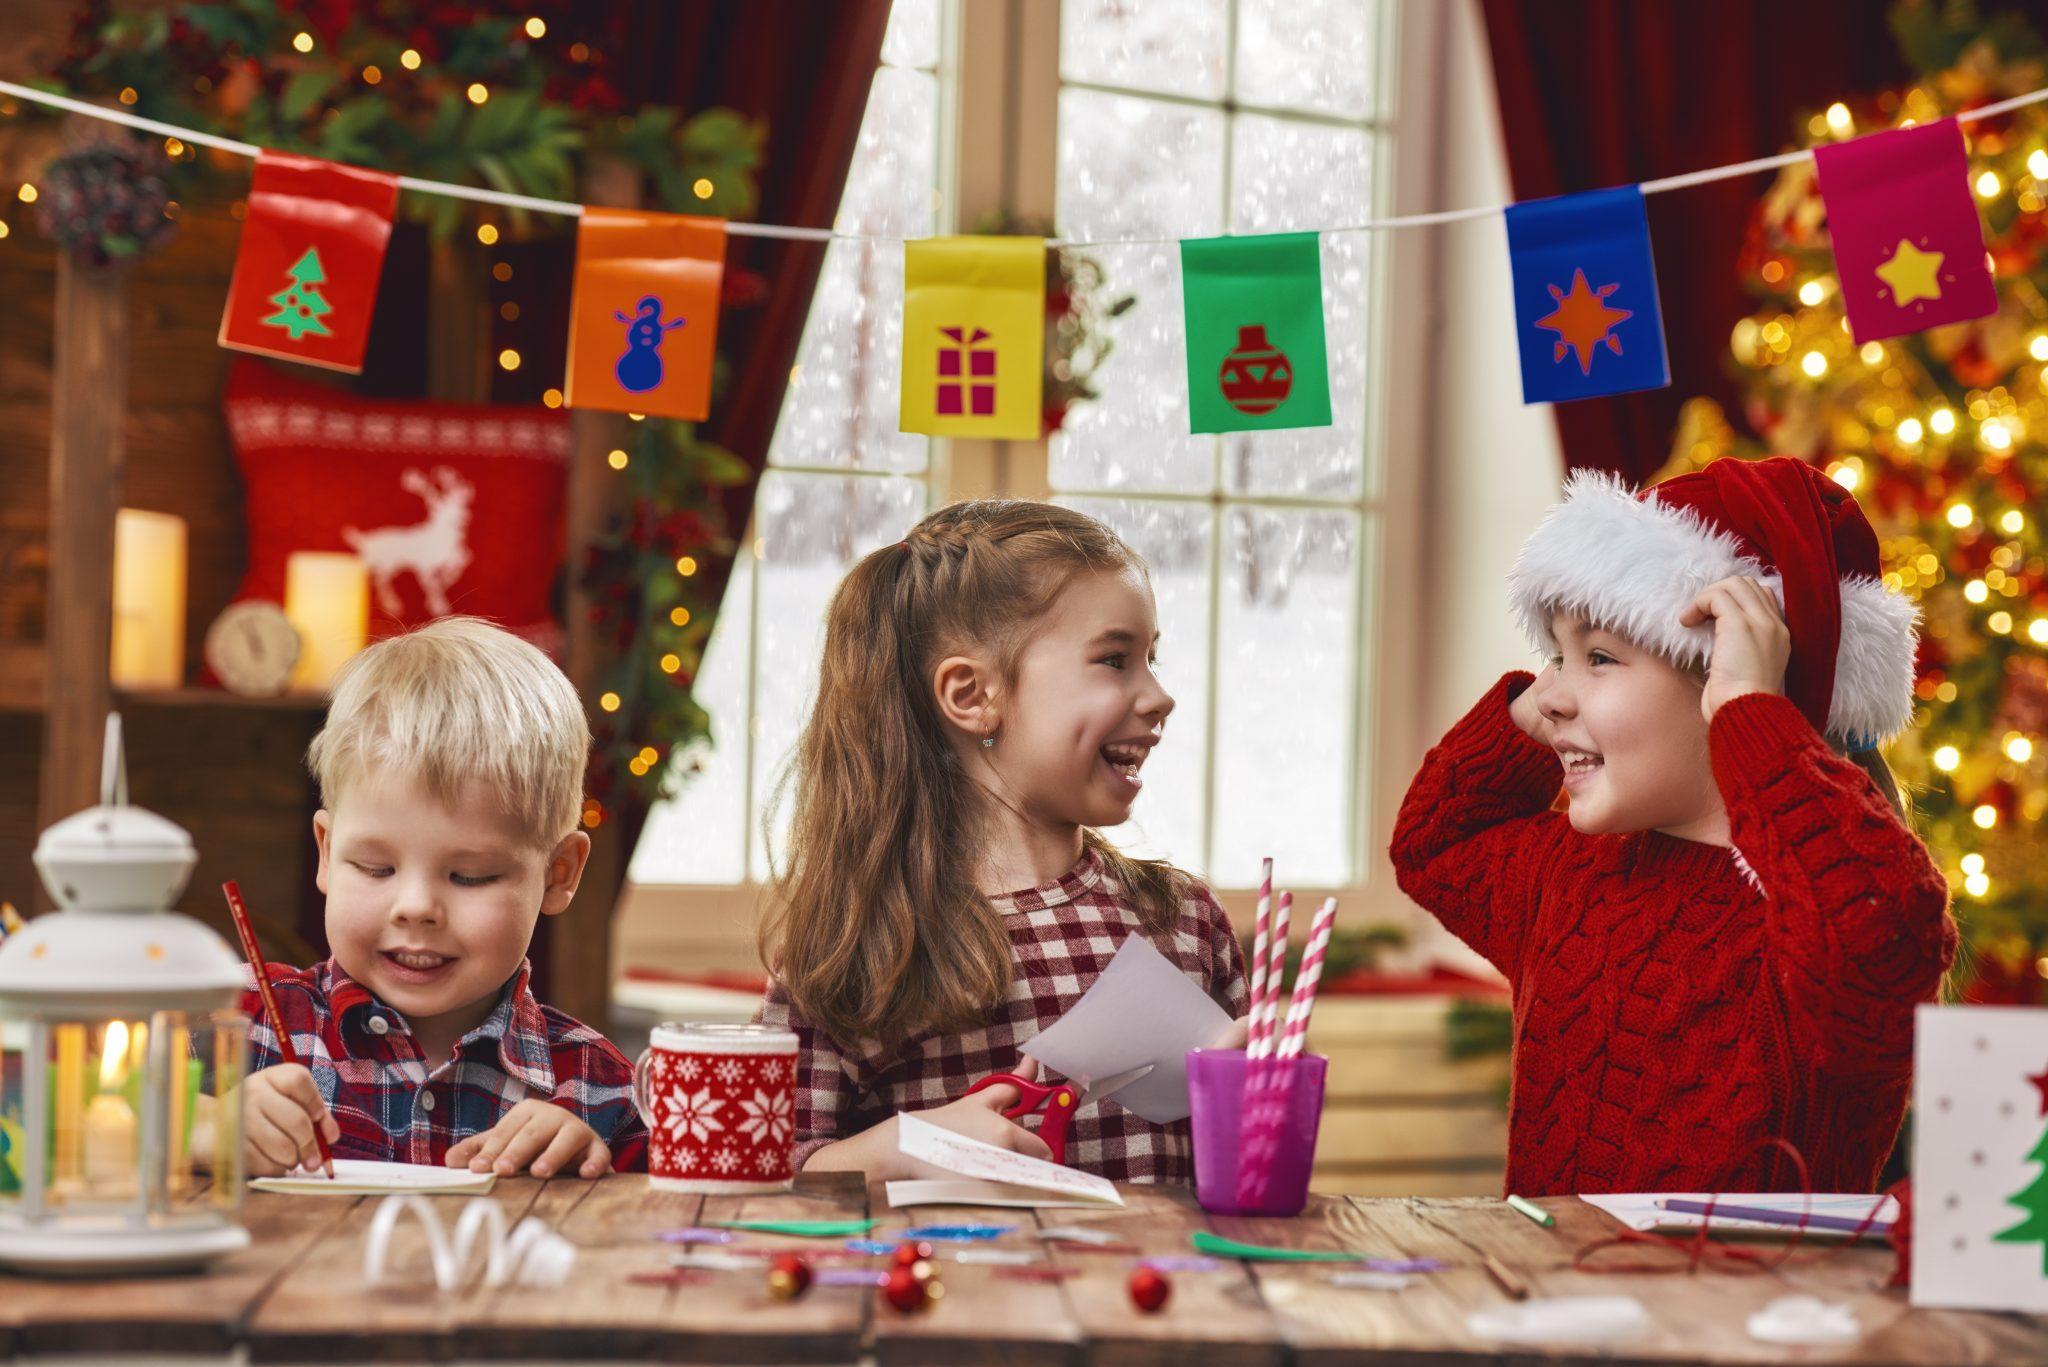 Χριστουγεννιάτικες διακοπές και παιδιά: προτάσεις για να τις κάνετε μοναδικές!